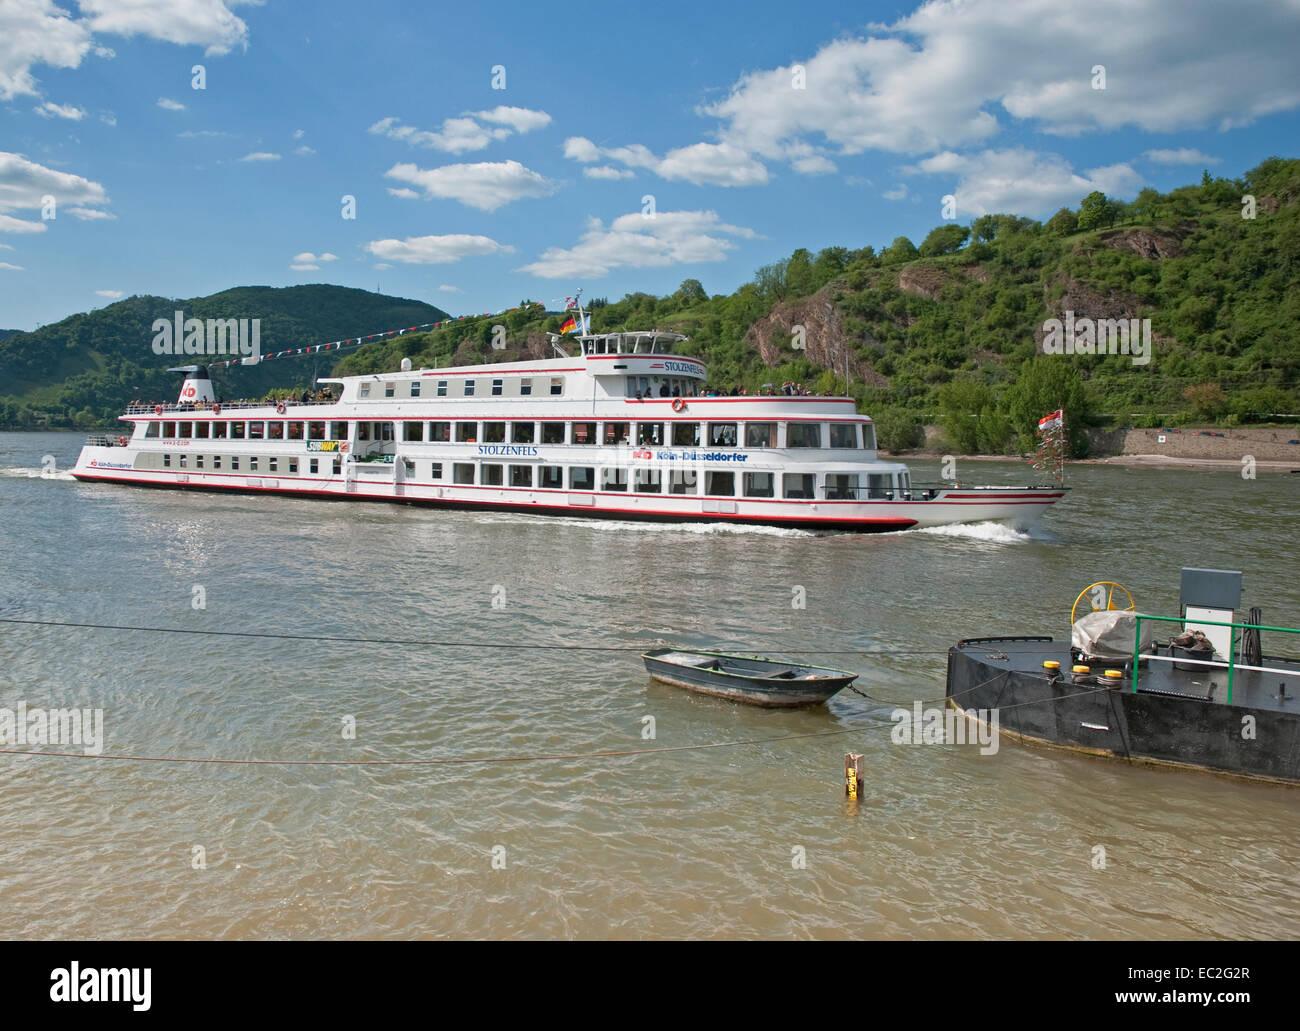 River Cruiser am Rhein bei Boppard in der Rhein-Tal, Deutschland Stockbild